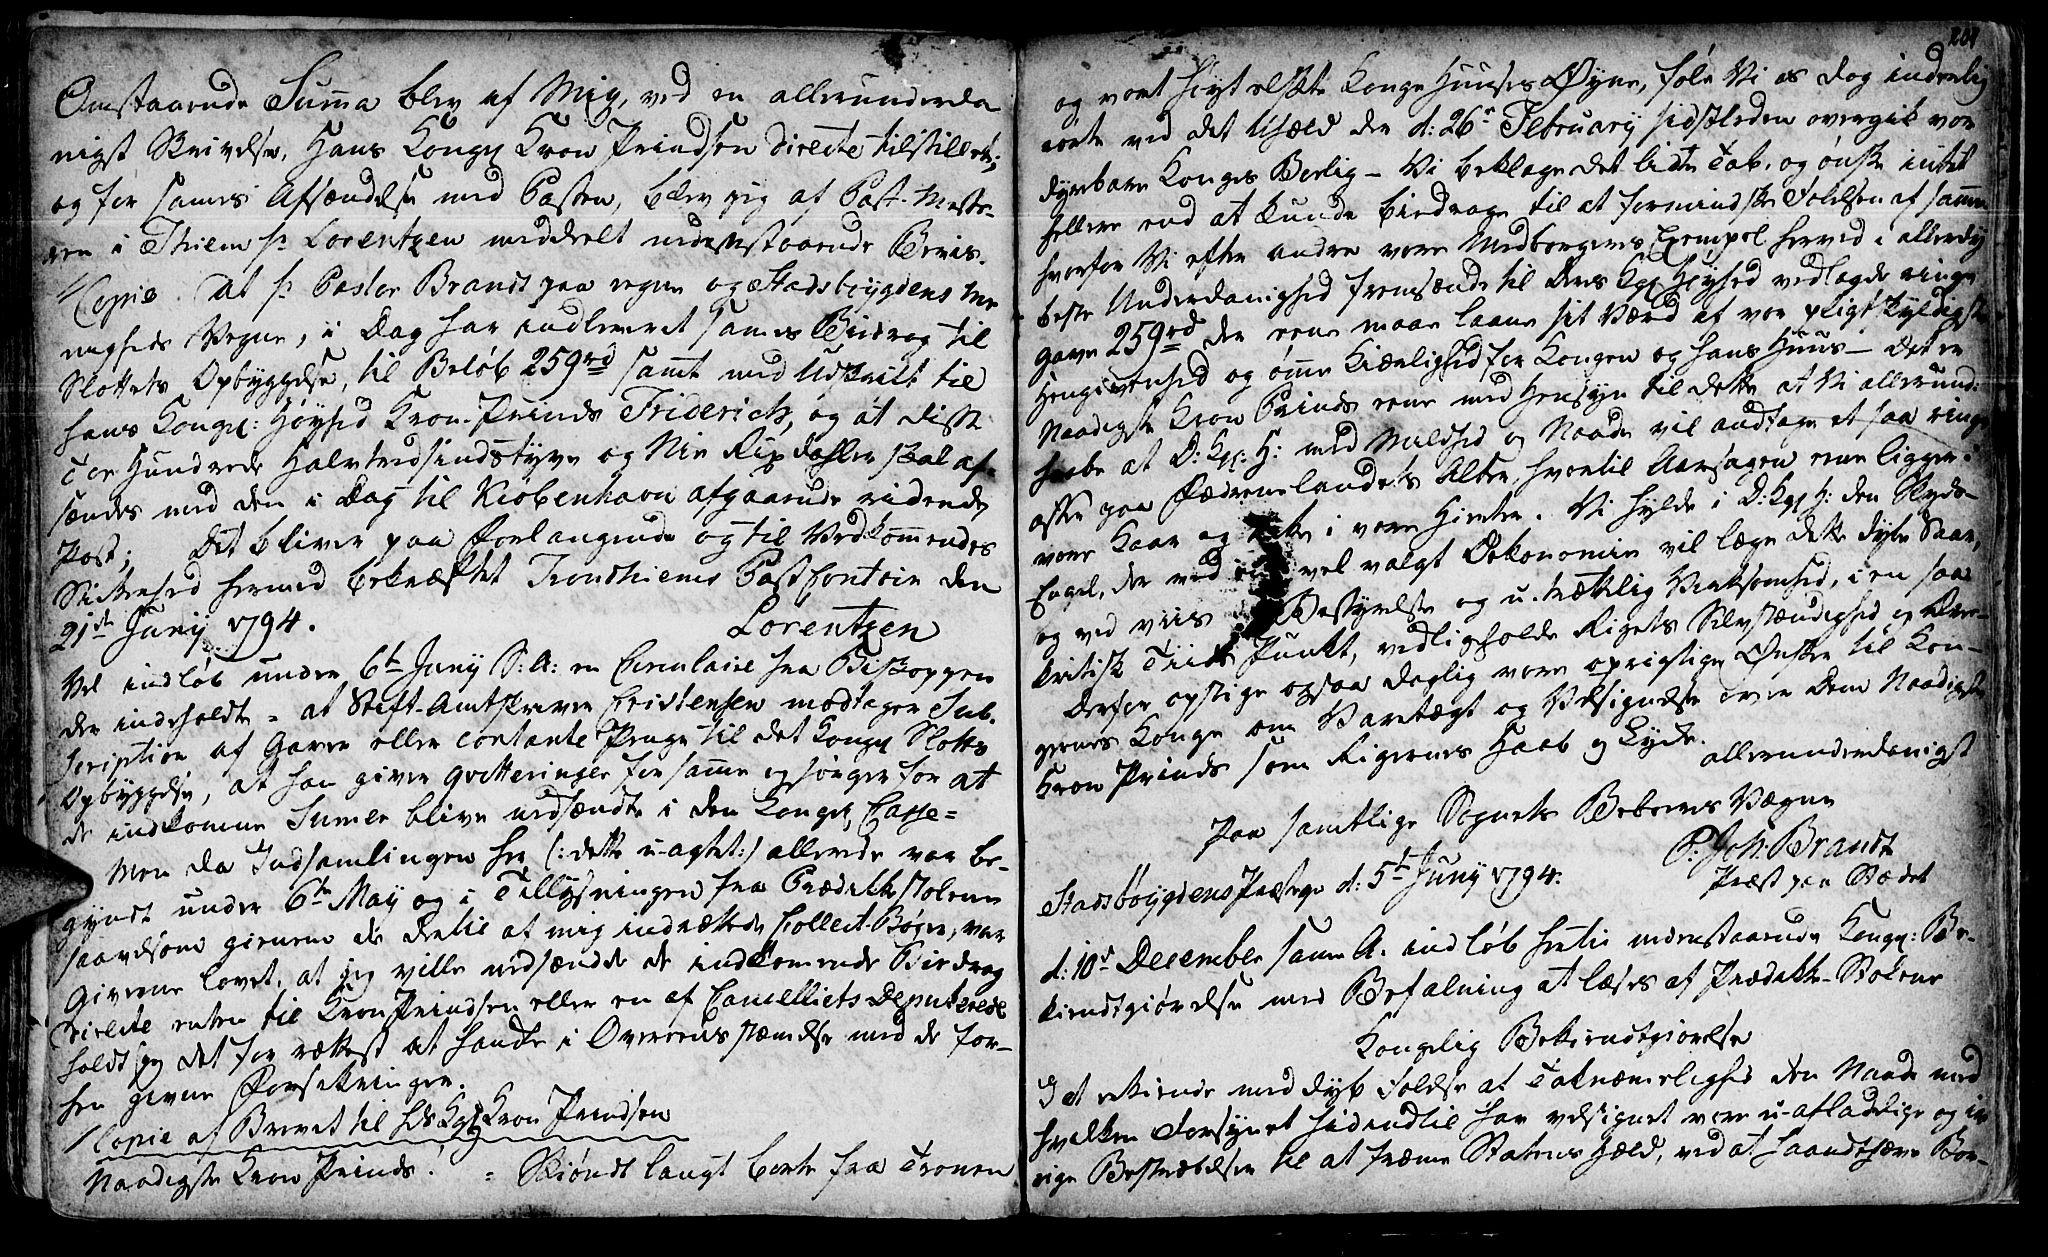 SAT, Ministerialprotokoller, klokkerbøker og fødselsregistre - Sør-Trøndelag, 646/L0604: Ministerialbok nr. 646A02, 1735-1750, s. 200-201